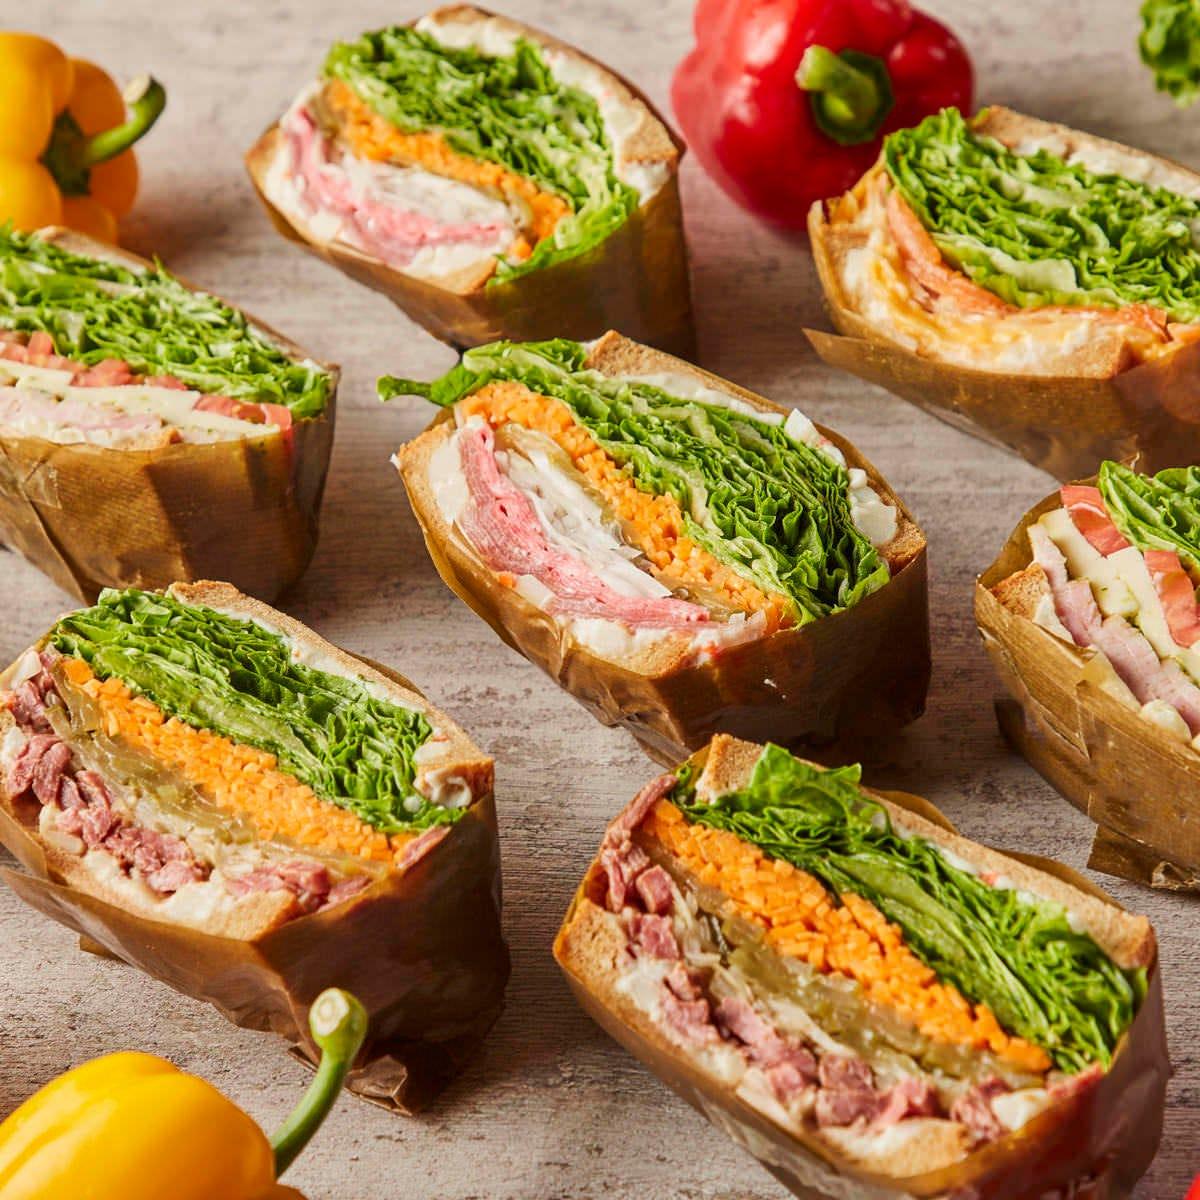 美味しいサンドイッチセット・プレートランチをご用意♪